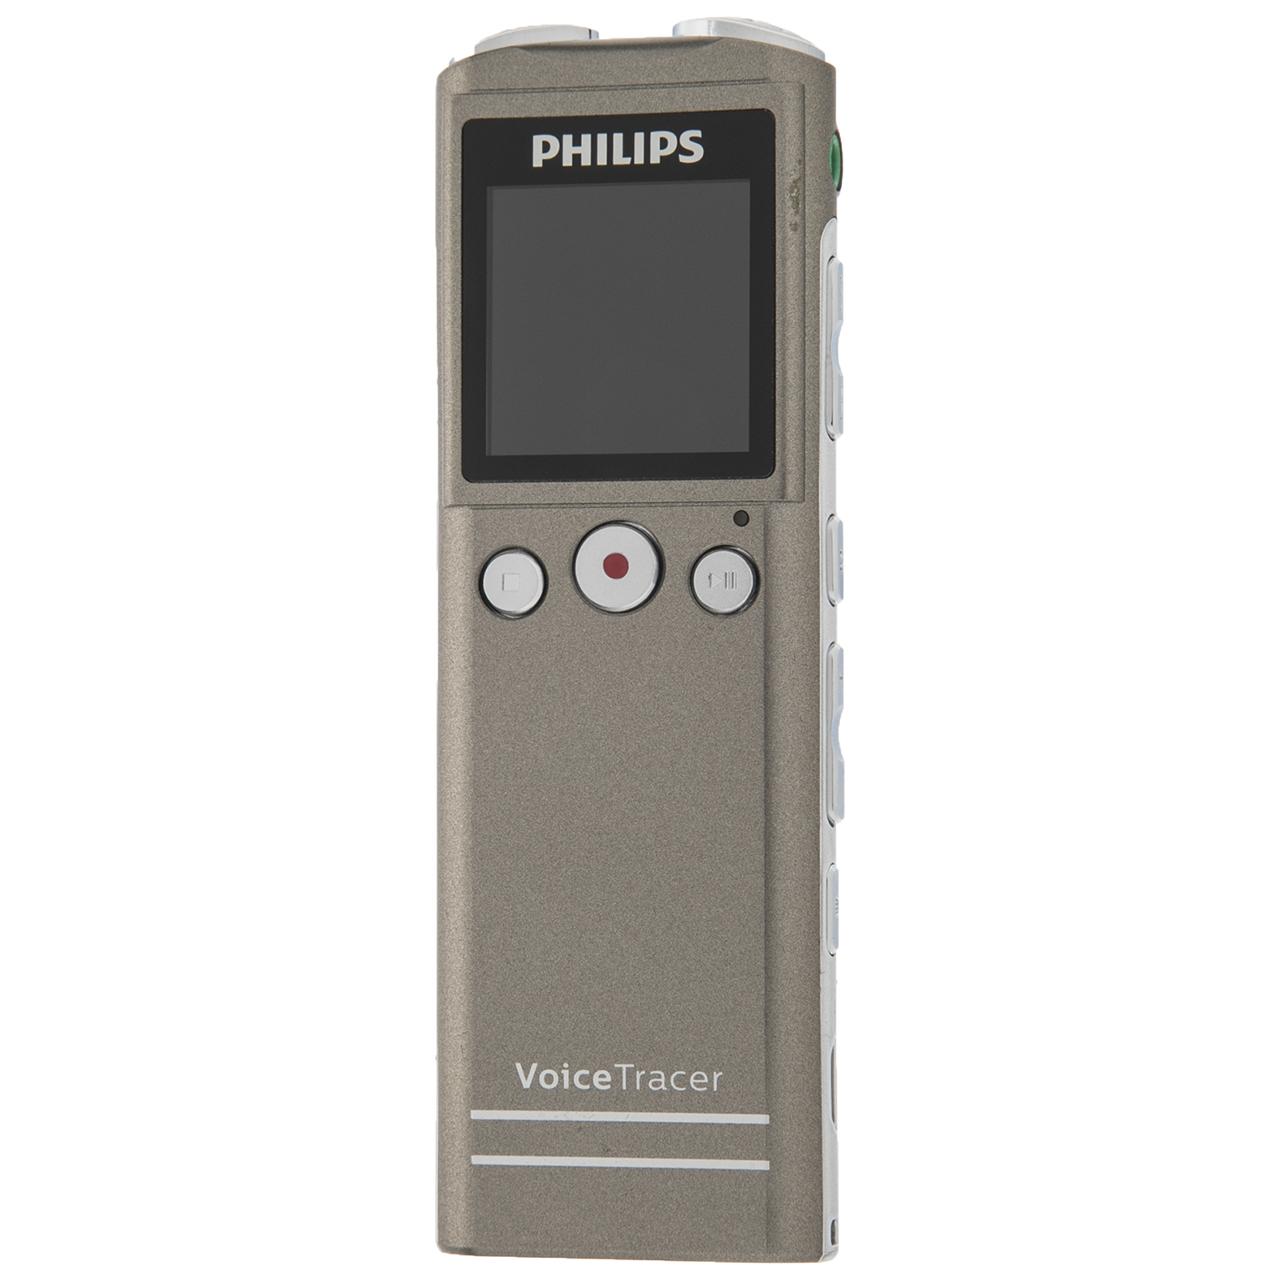 ضبط کننده صدا فیلیپس مدل VTR6200